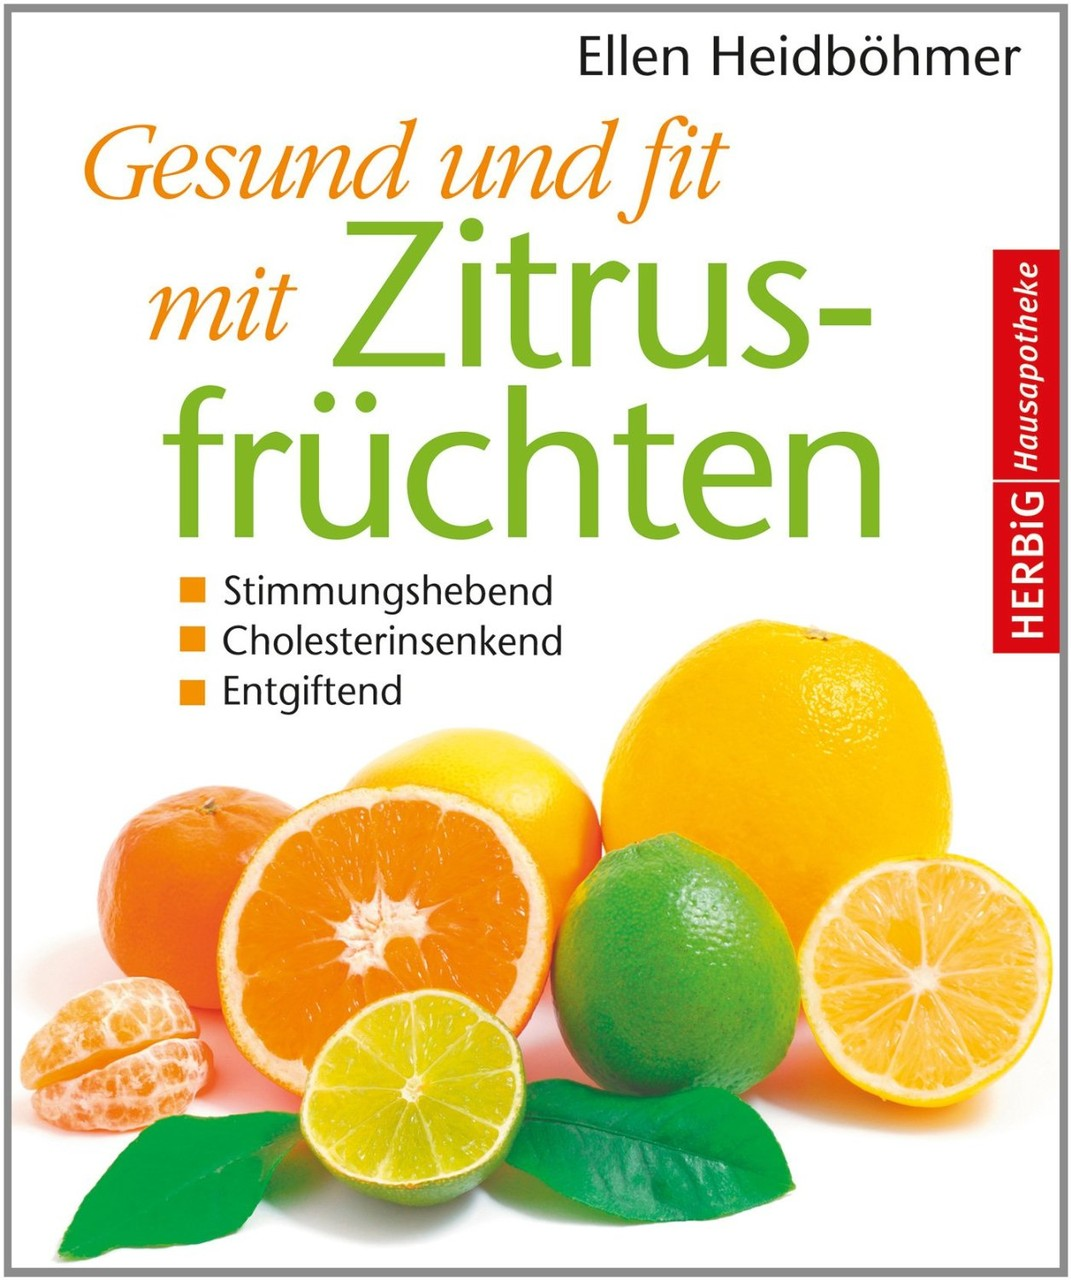 Gesund und fit mit Zitrusfrüchten Originalausgabe Herbig Verlag 2014